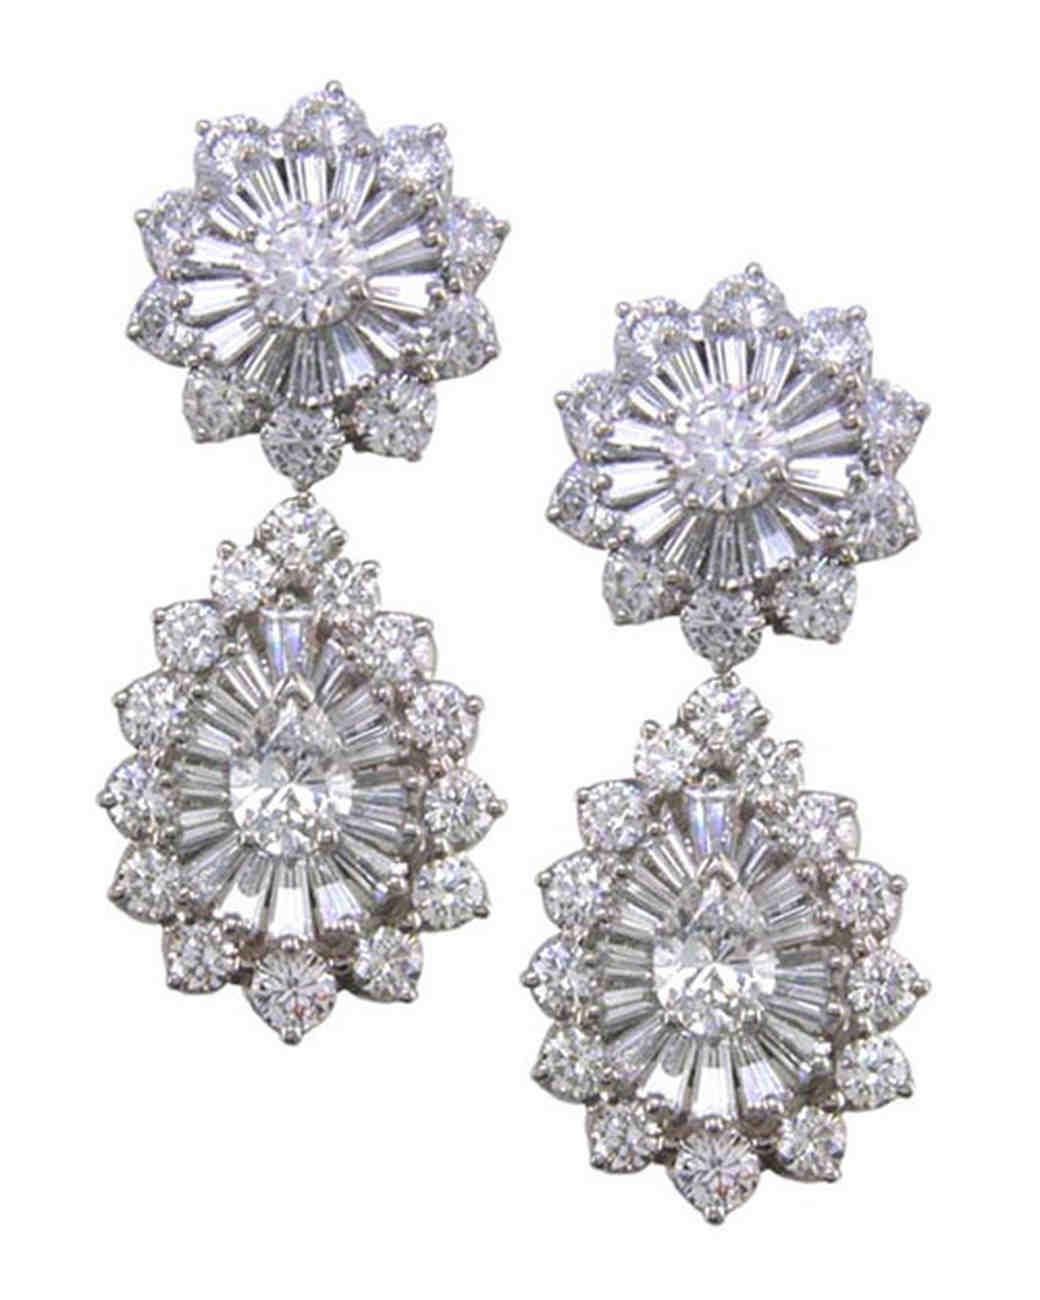 heyman_ohb_701145_705908_plat_dia_earrings.jpg